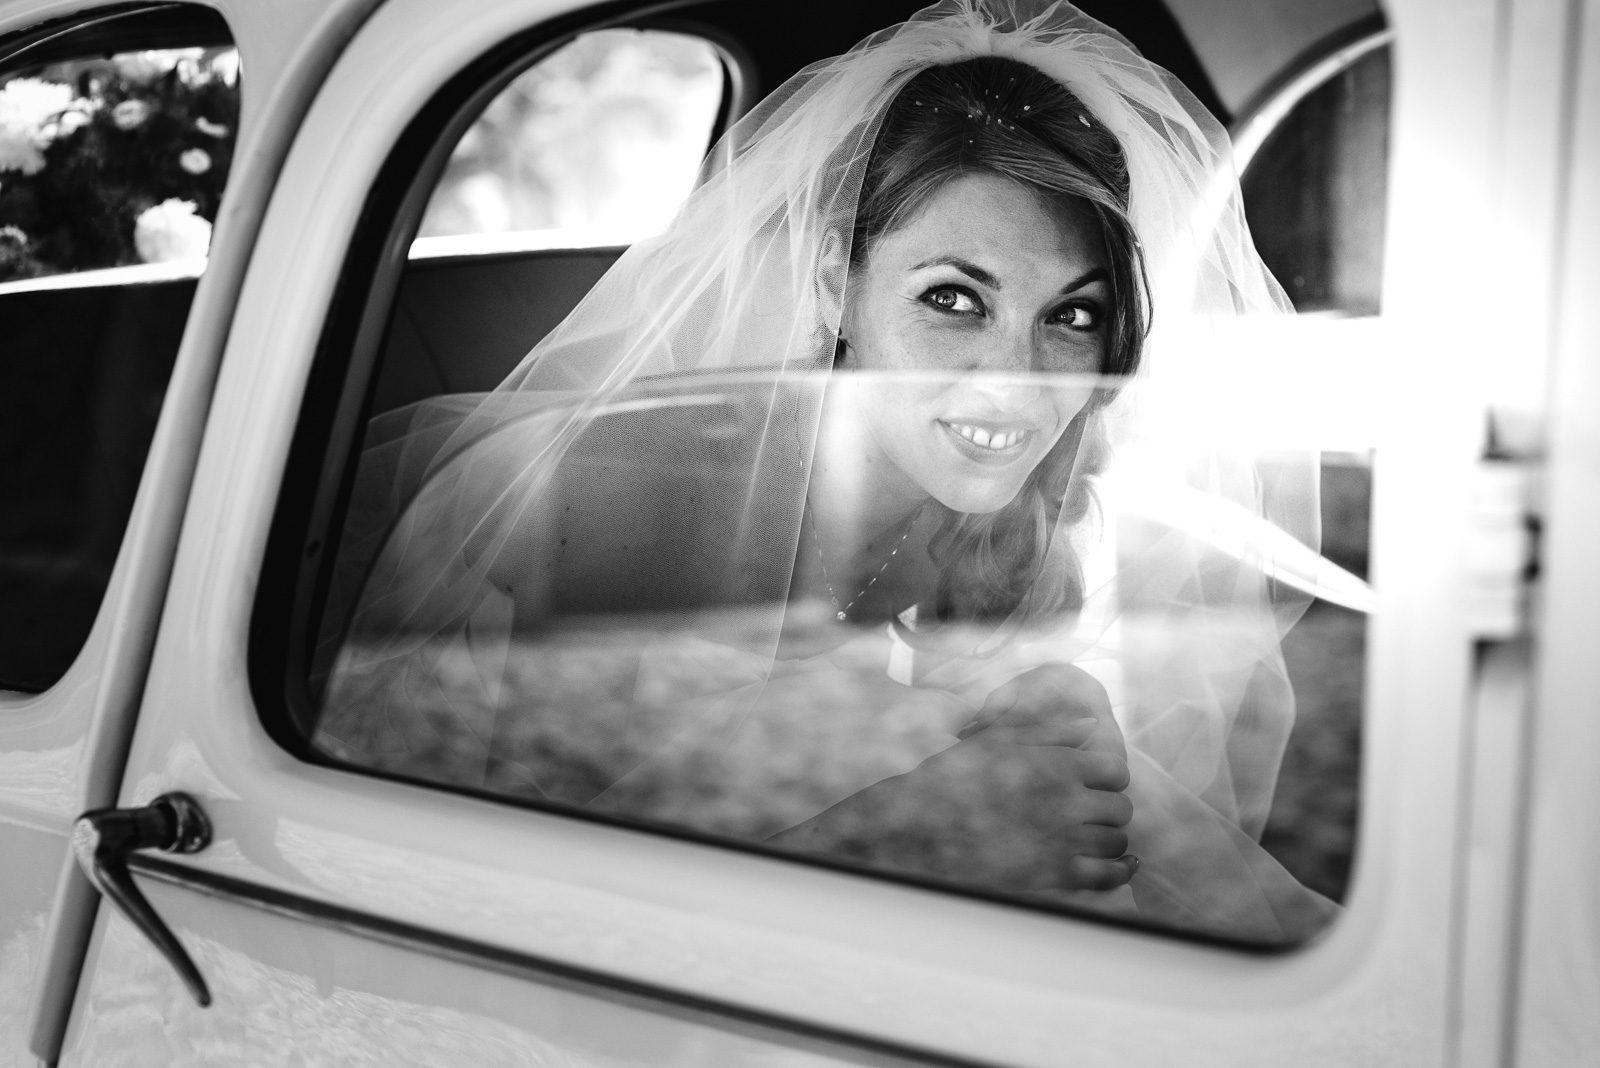 fotografo matrimonio monza brianza milano wedding reportage max allegritti fine art